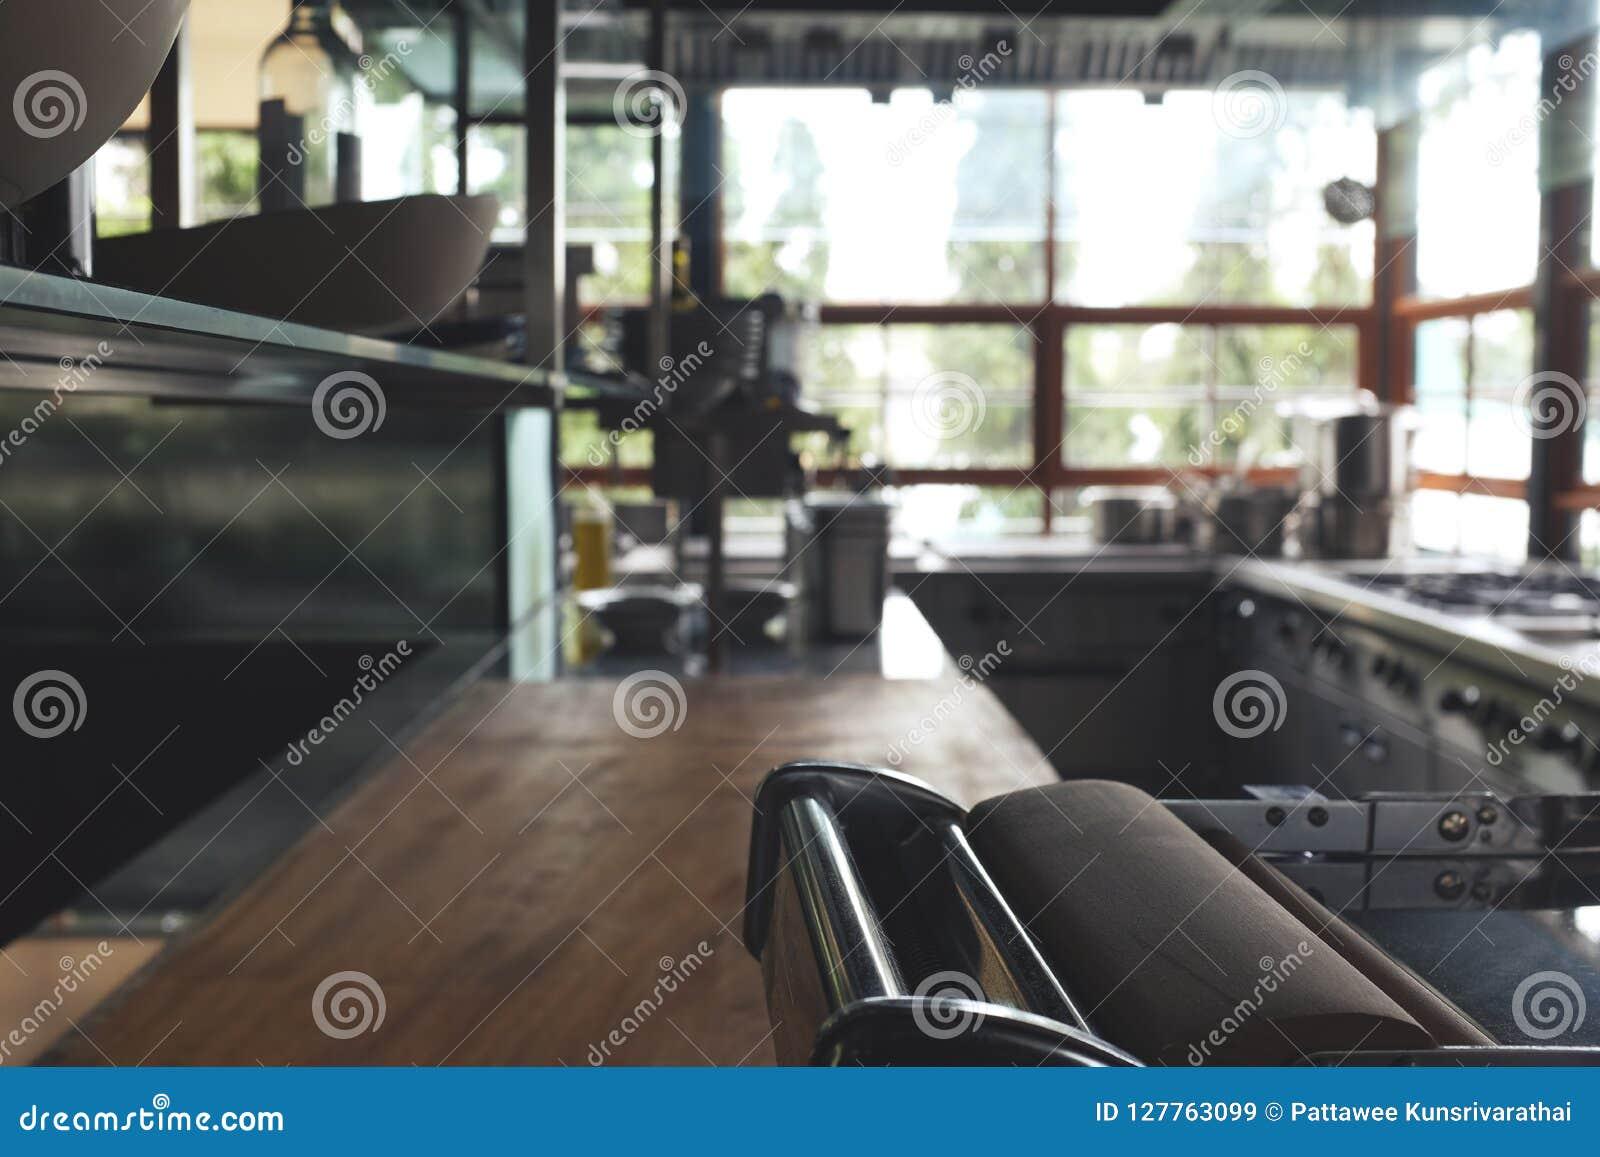 Запачкайте типичную кухню ресторана, никаких людей, земли кухни задней